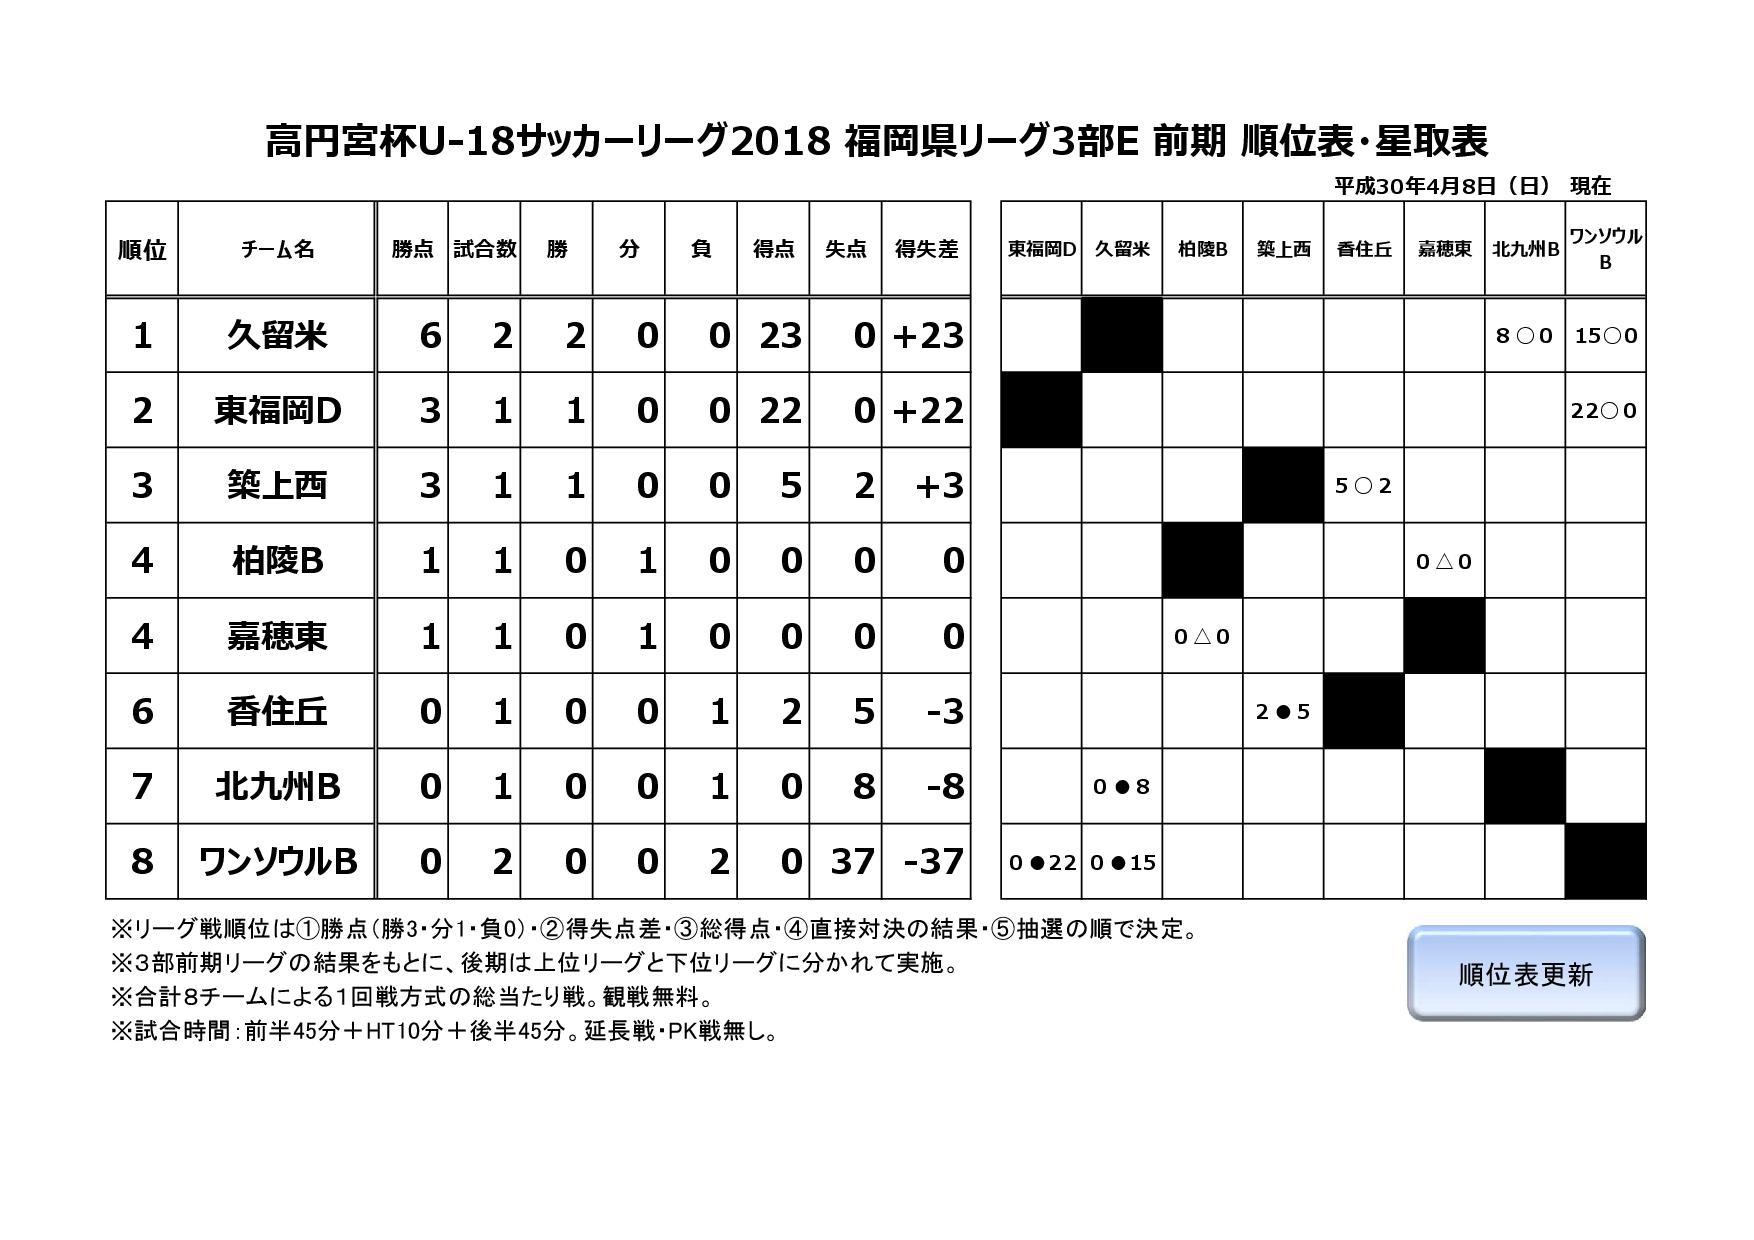 2017年度福岡県ユースサッカーリーグ3部E